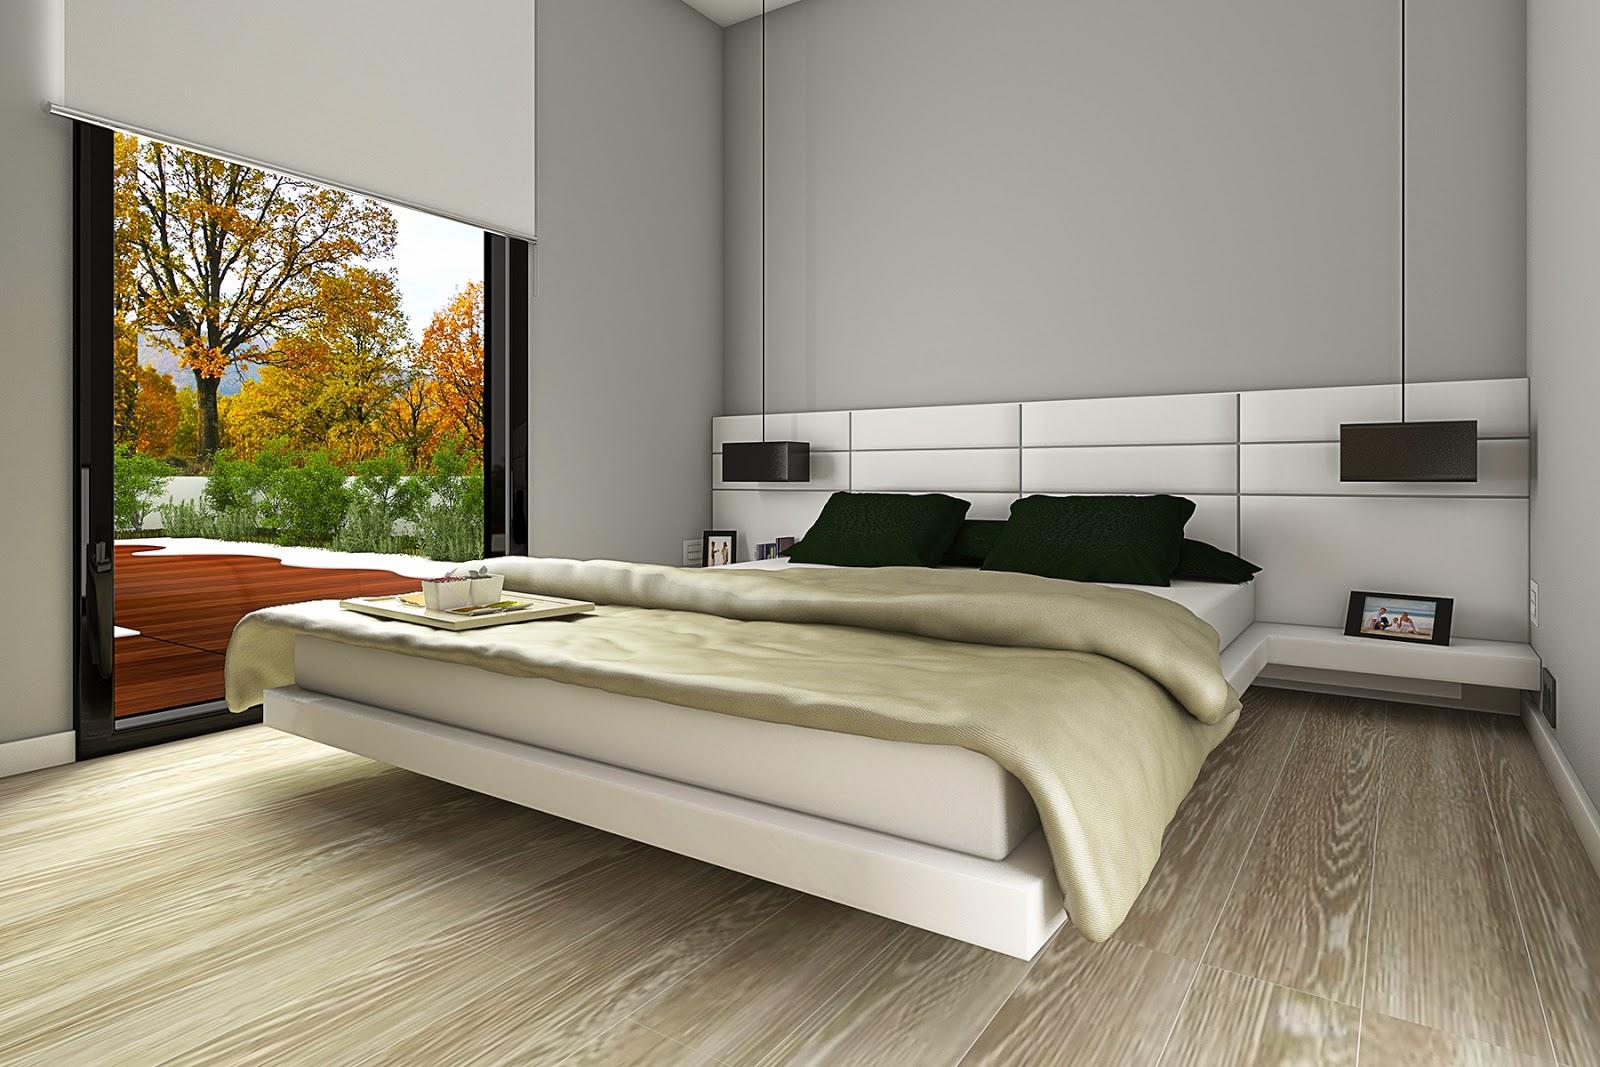 Módulo de jardín de Resan - Bungalow - Dormitorio